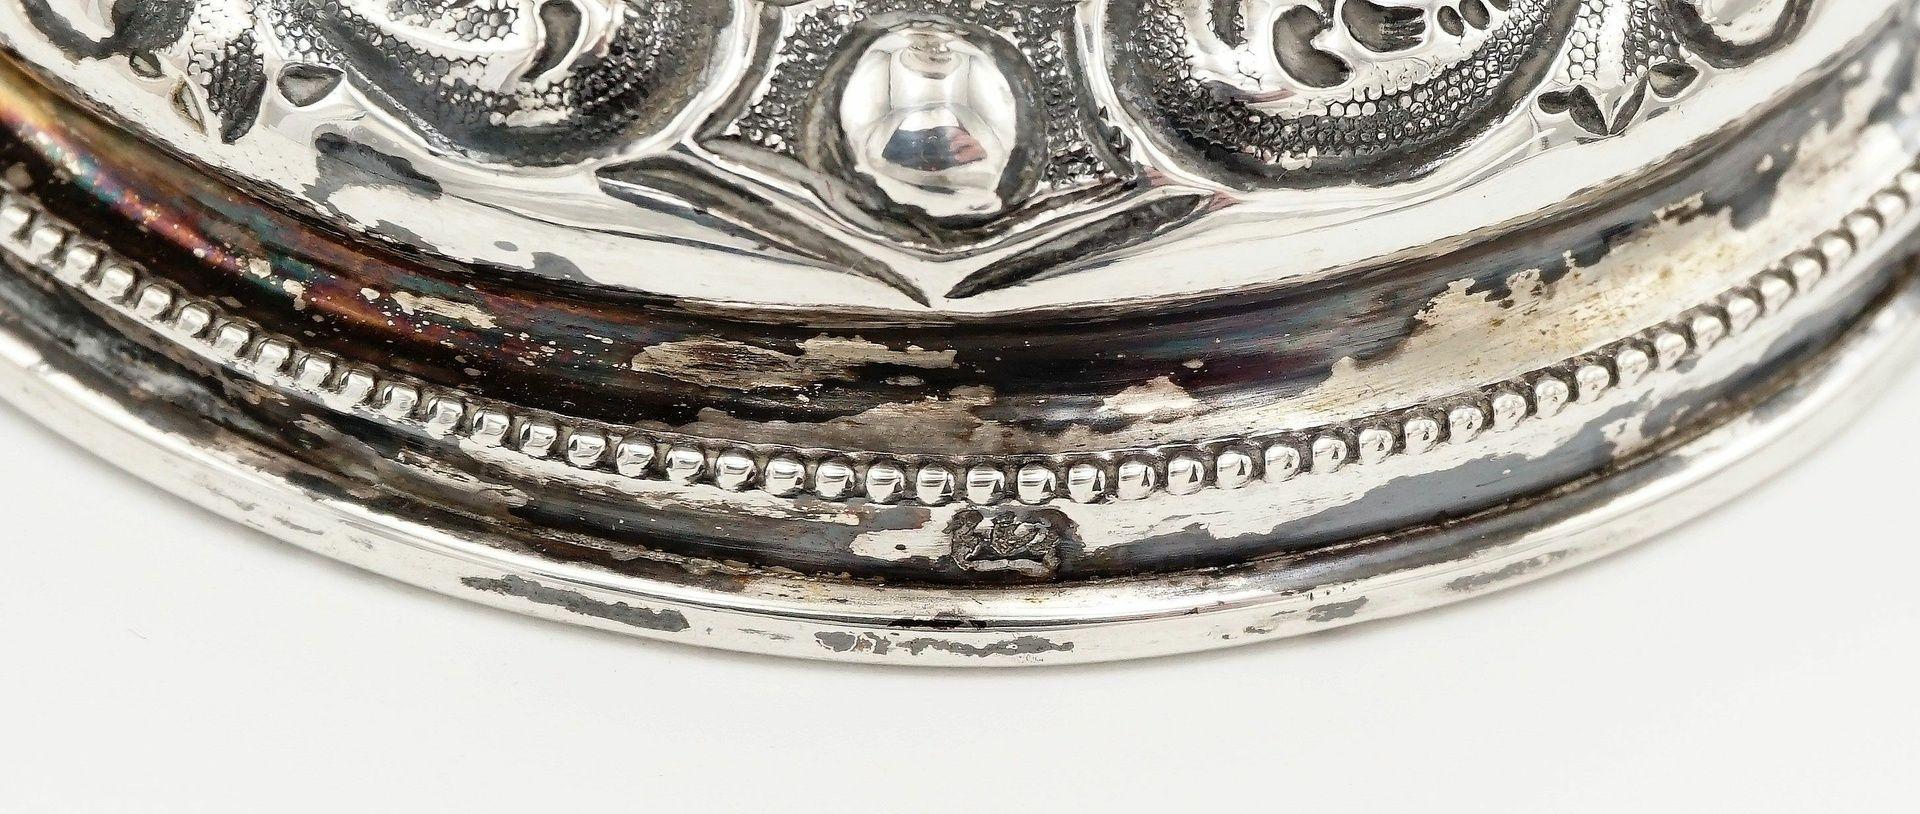 Reich verzierter Silberpokal - Bild 4 aus 4